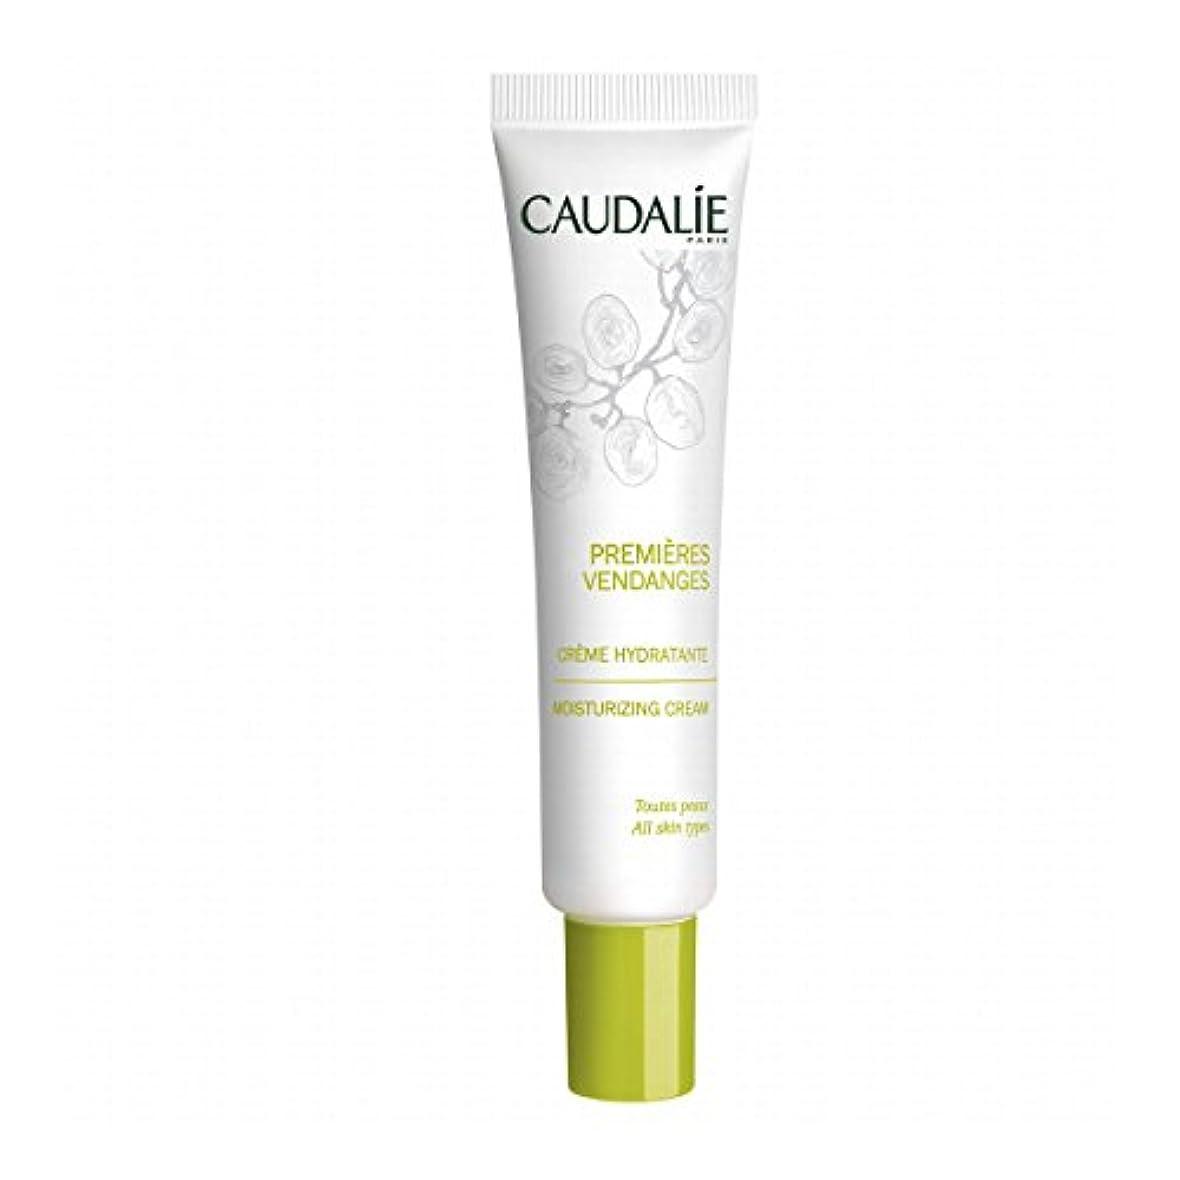 路面電車承認する用心深いCaudalie Premieres Vendanges Moisturizing Cream 40ml [並行輸入品]